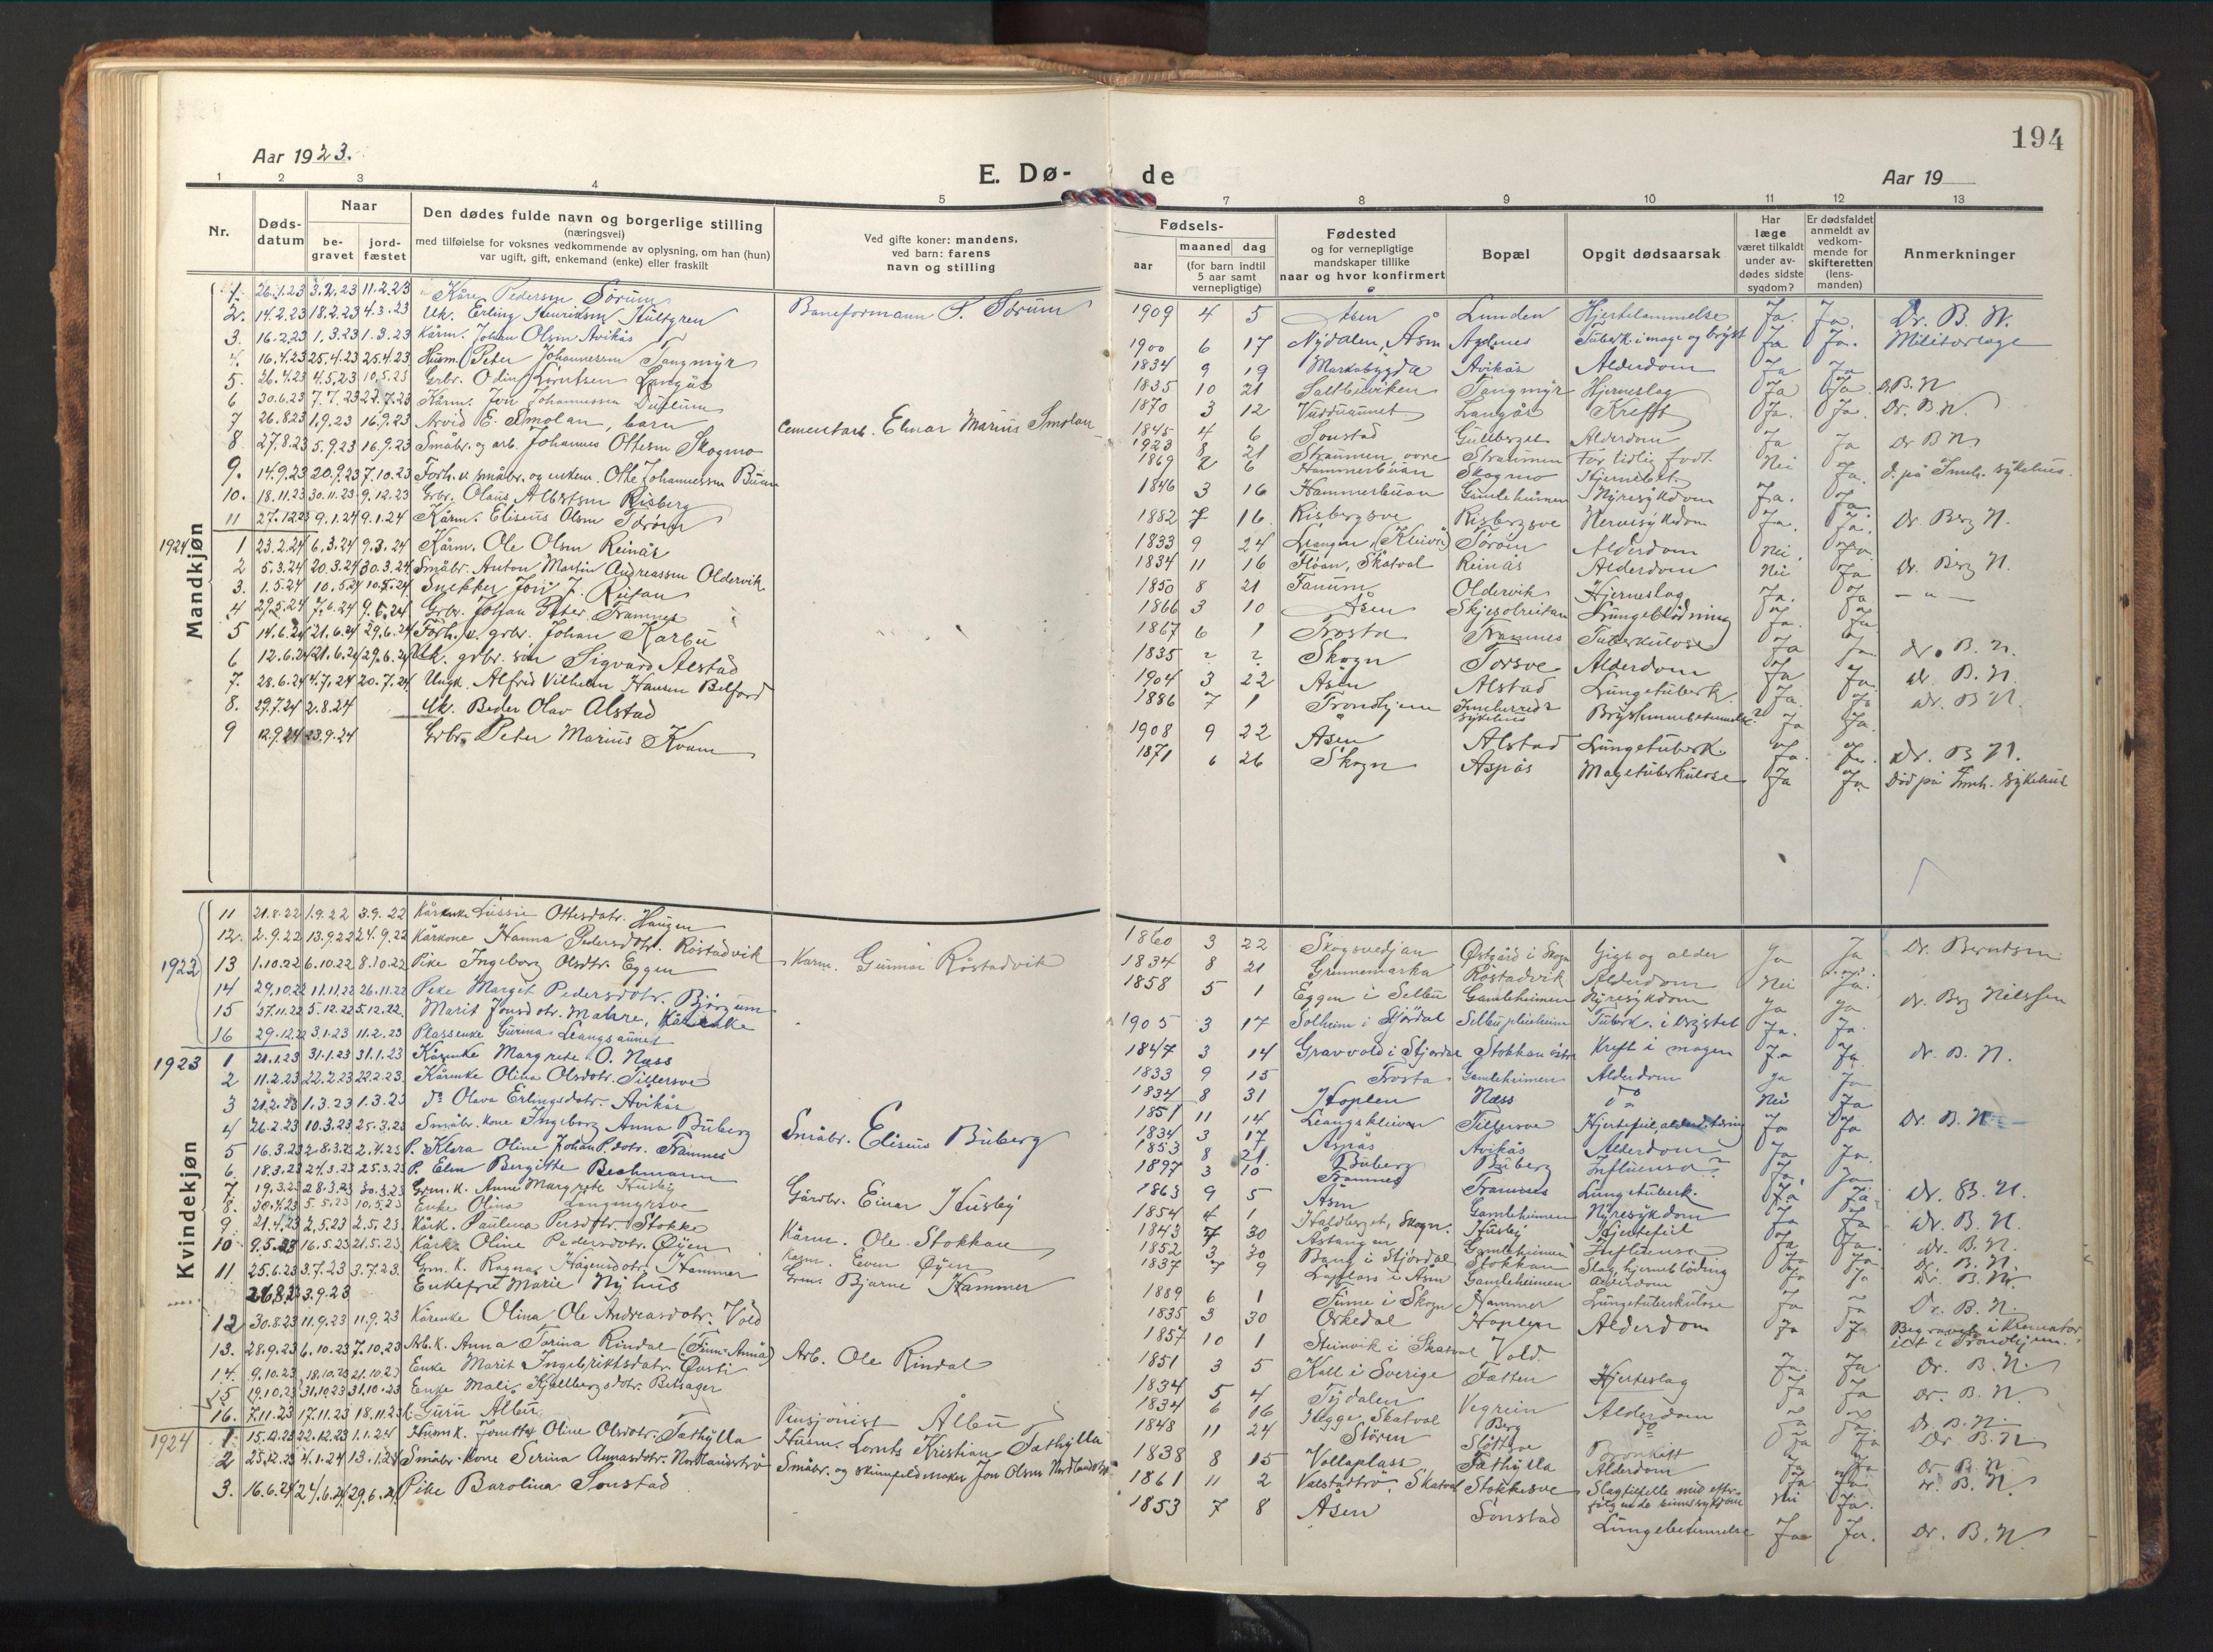 SAT, Ministerialprotokoller, klokkerbøker og fødselsregistre - Nord-Trøndelag, 714/L0136: Klokkerbok nr. 714C05, 1918-1957, s. 194